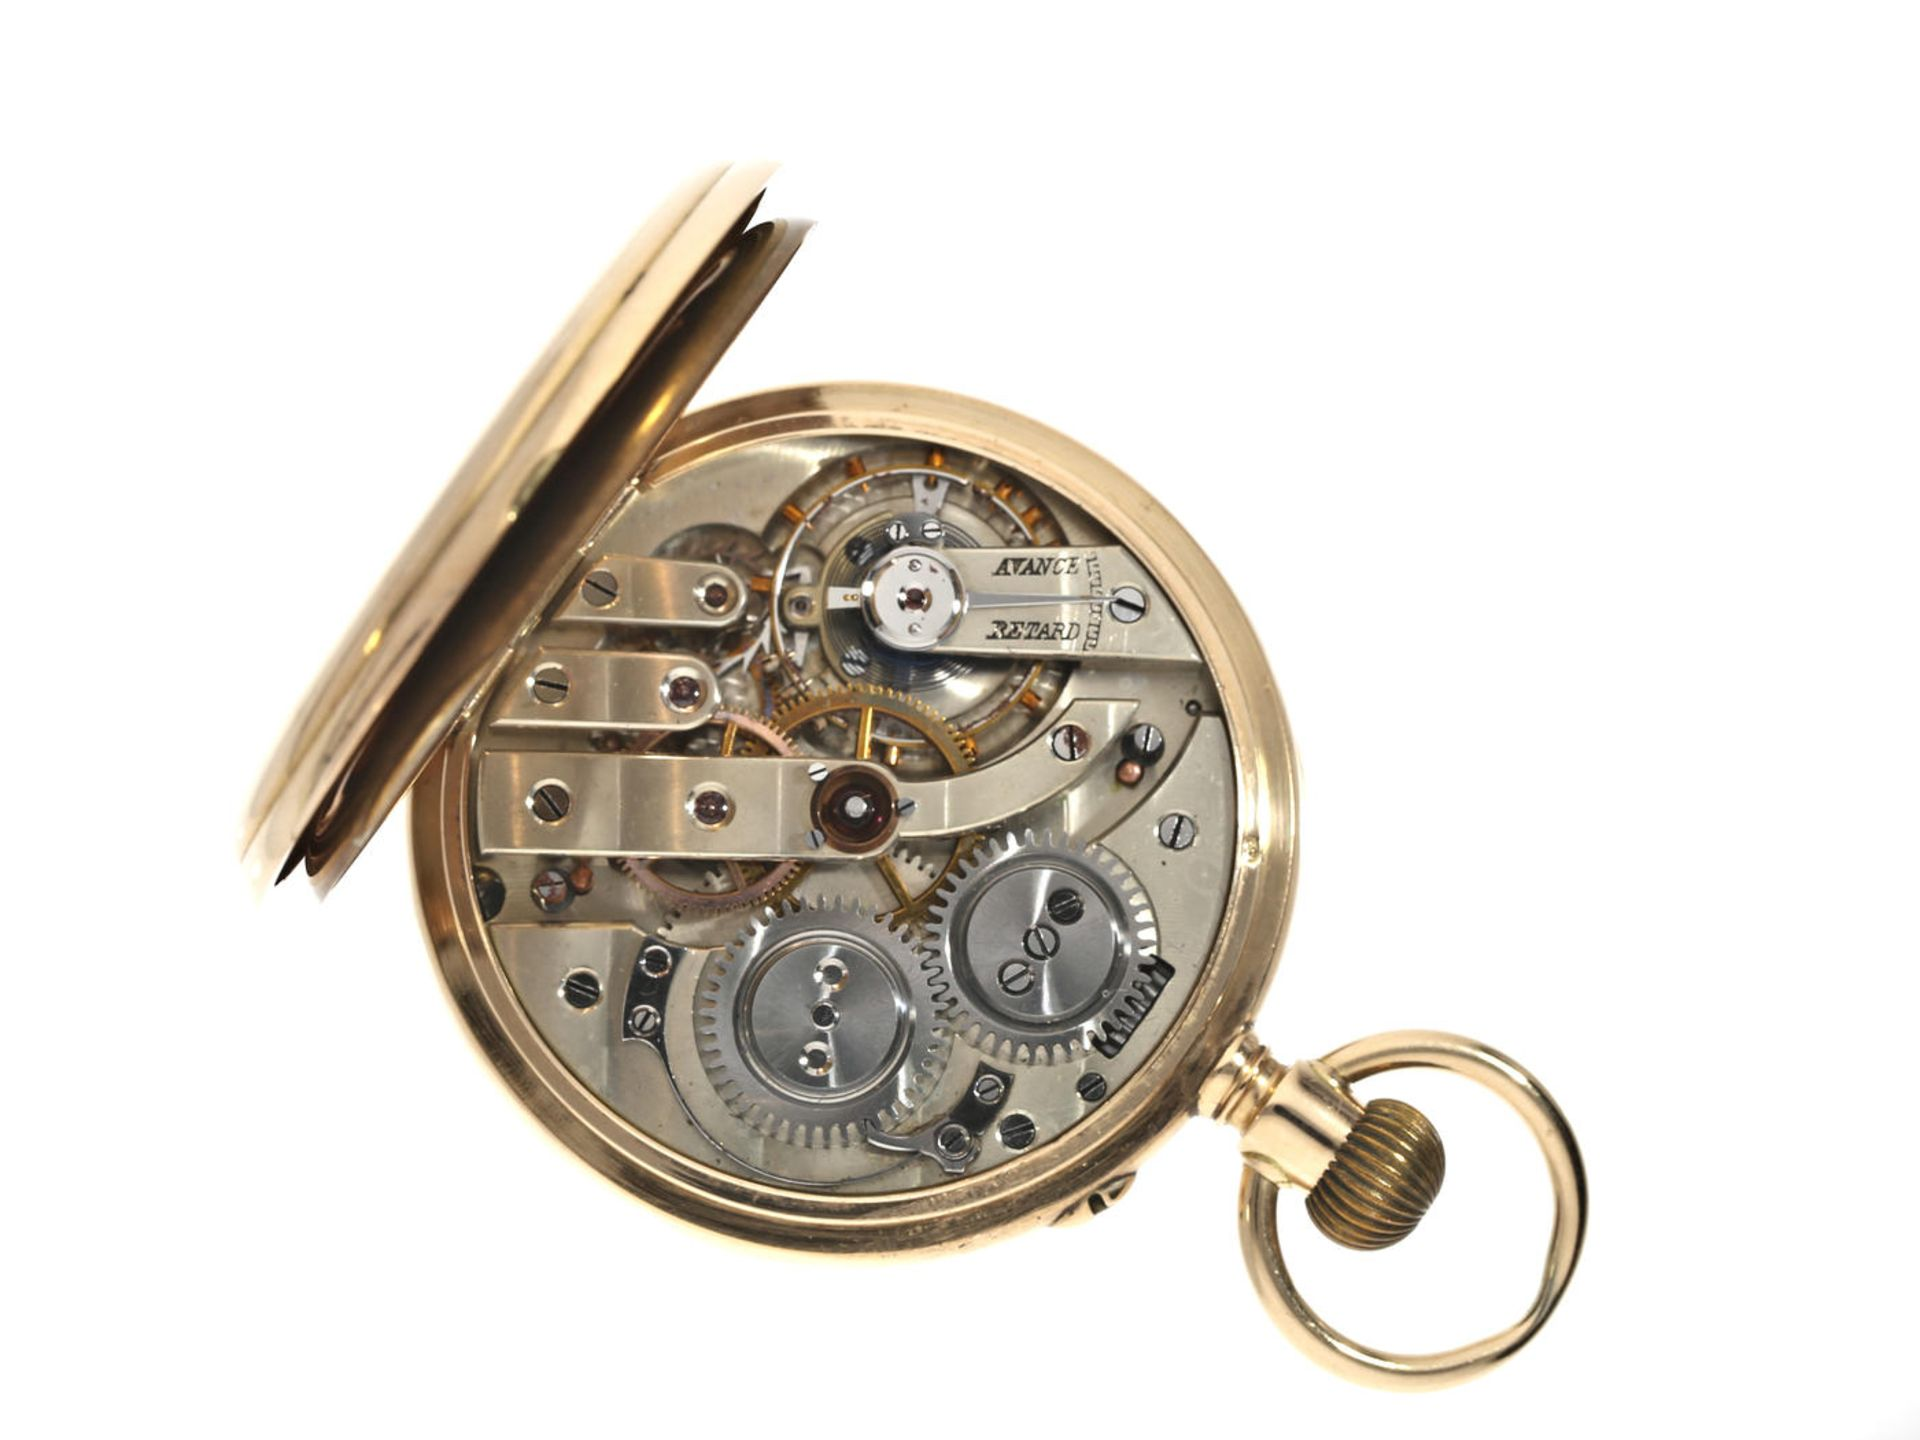 Taschenuhr: feine goldene Taschenuhr, Ankerchronometer, Vve. Henri Monney Biel, Schweiz um 1890 - Bild 3 aus 3